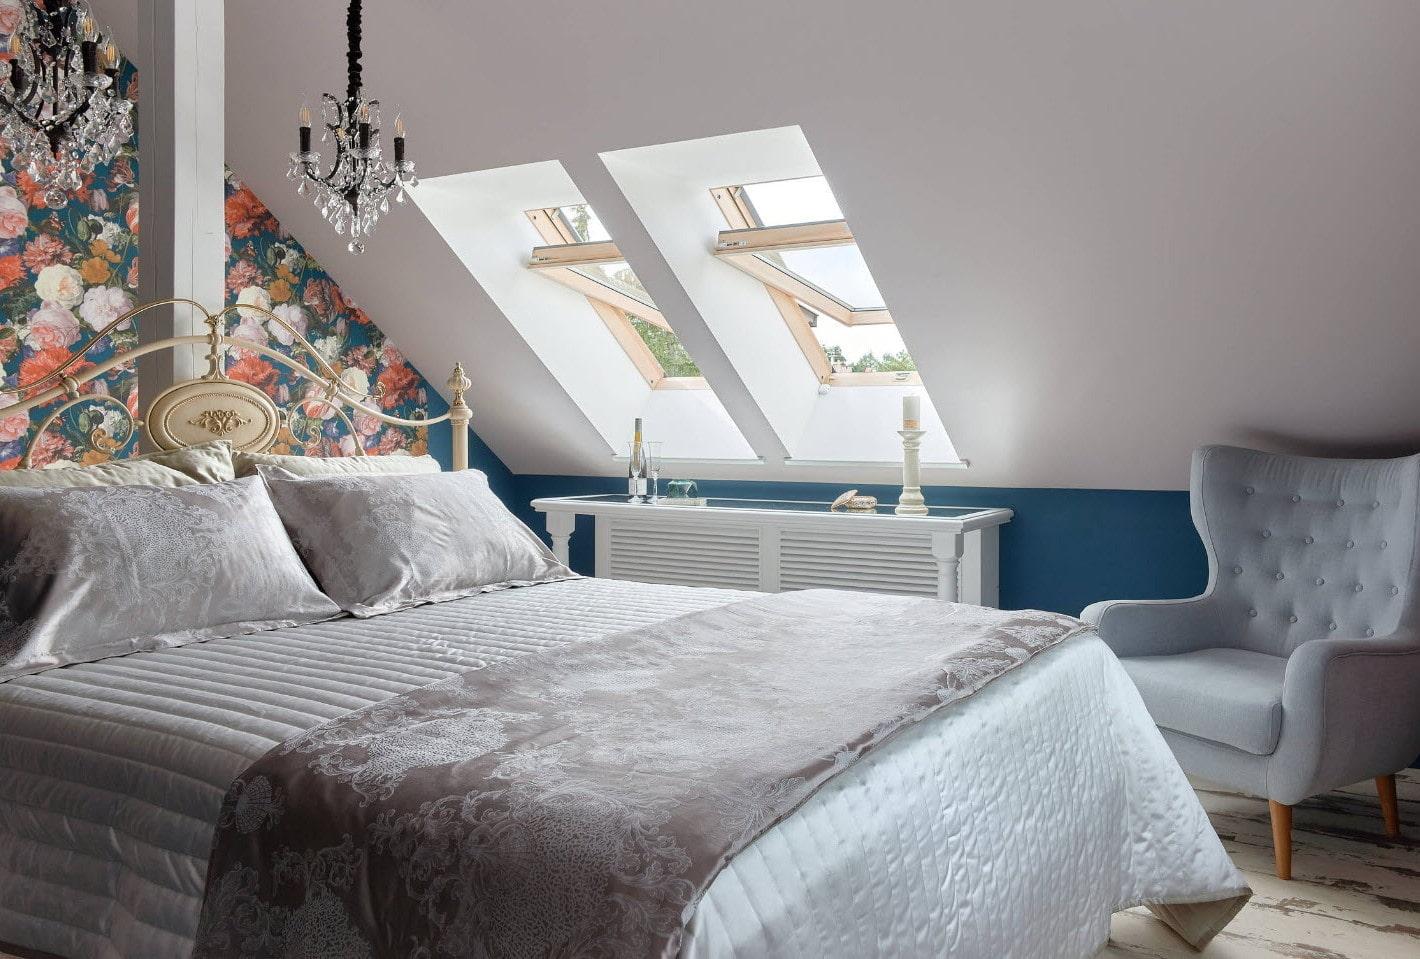 Каким может быть дизайн мансарды спальни, фото готовых стилистических решений